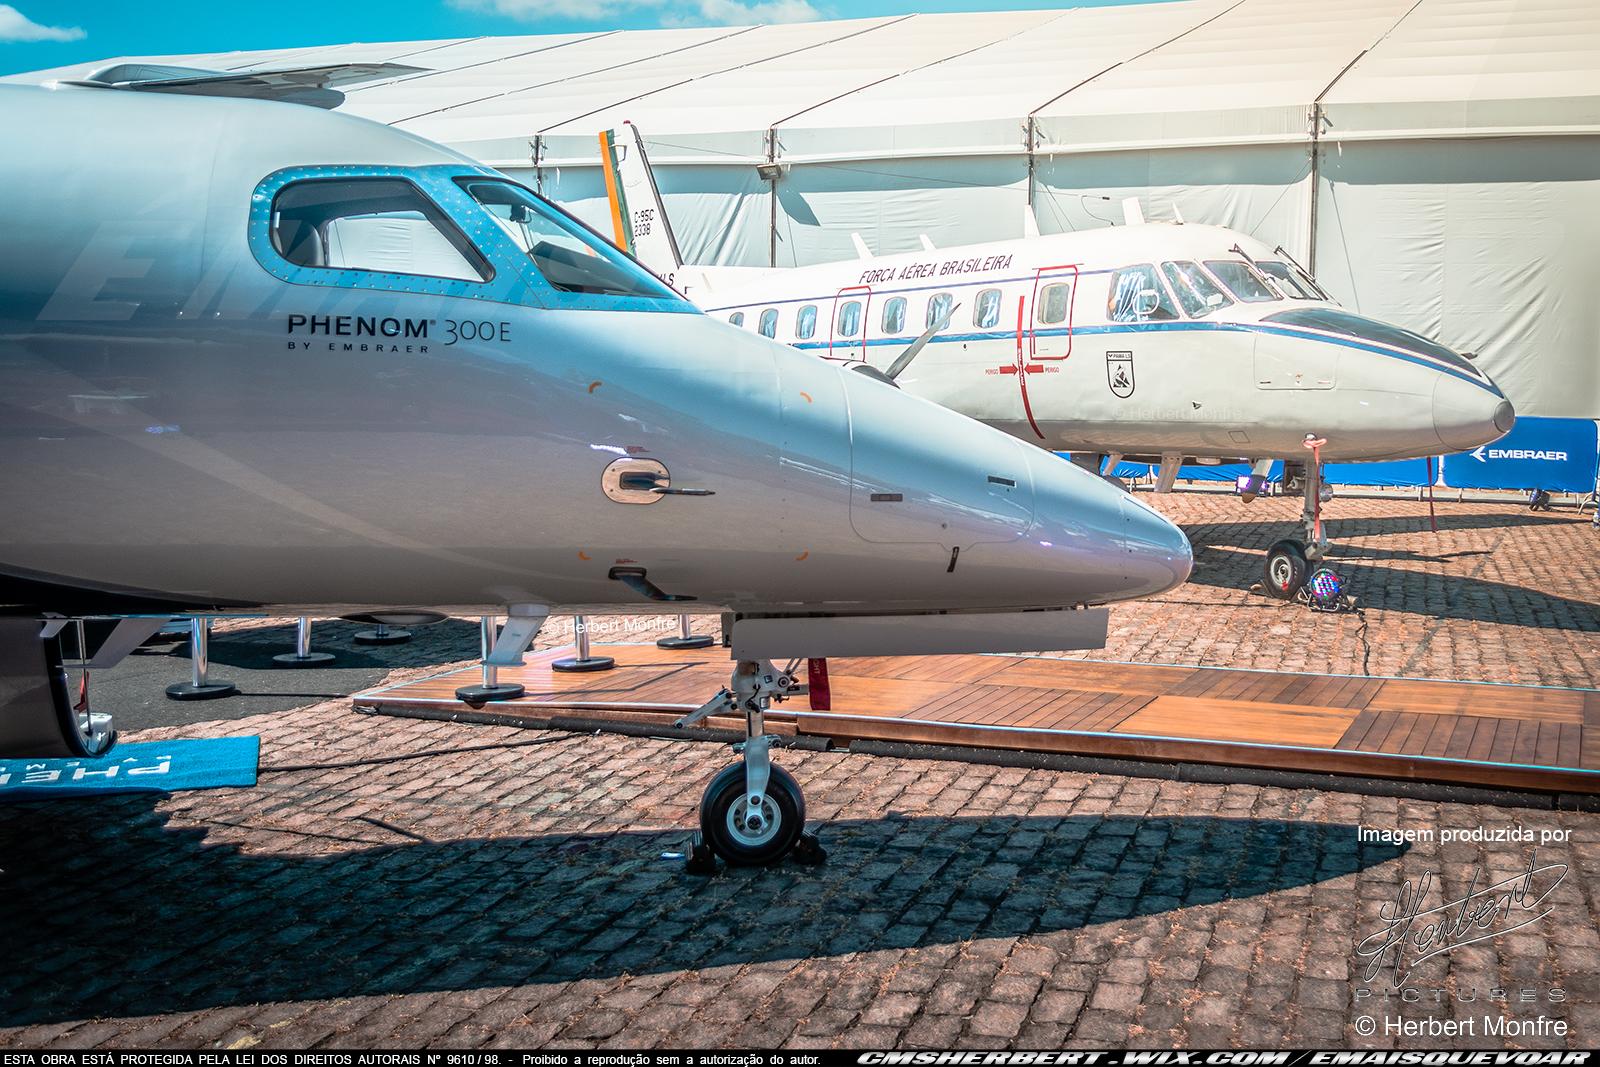 Embraer Phenom 300E | N304EE | Foto © Herbert Monfre - Contrate o fotógrafo em cmsherbert@hotmail.com | by É MAIS QUE VOAR | LABACE 2019